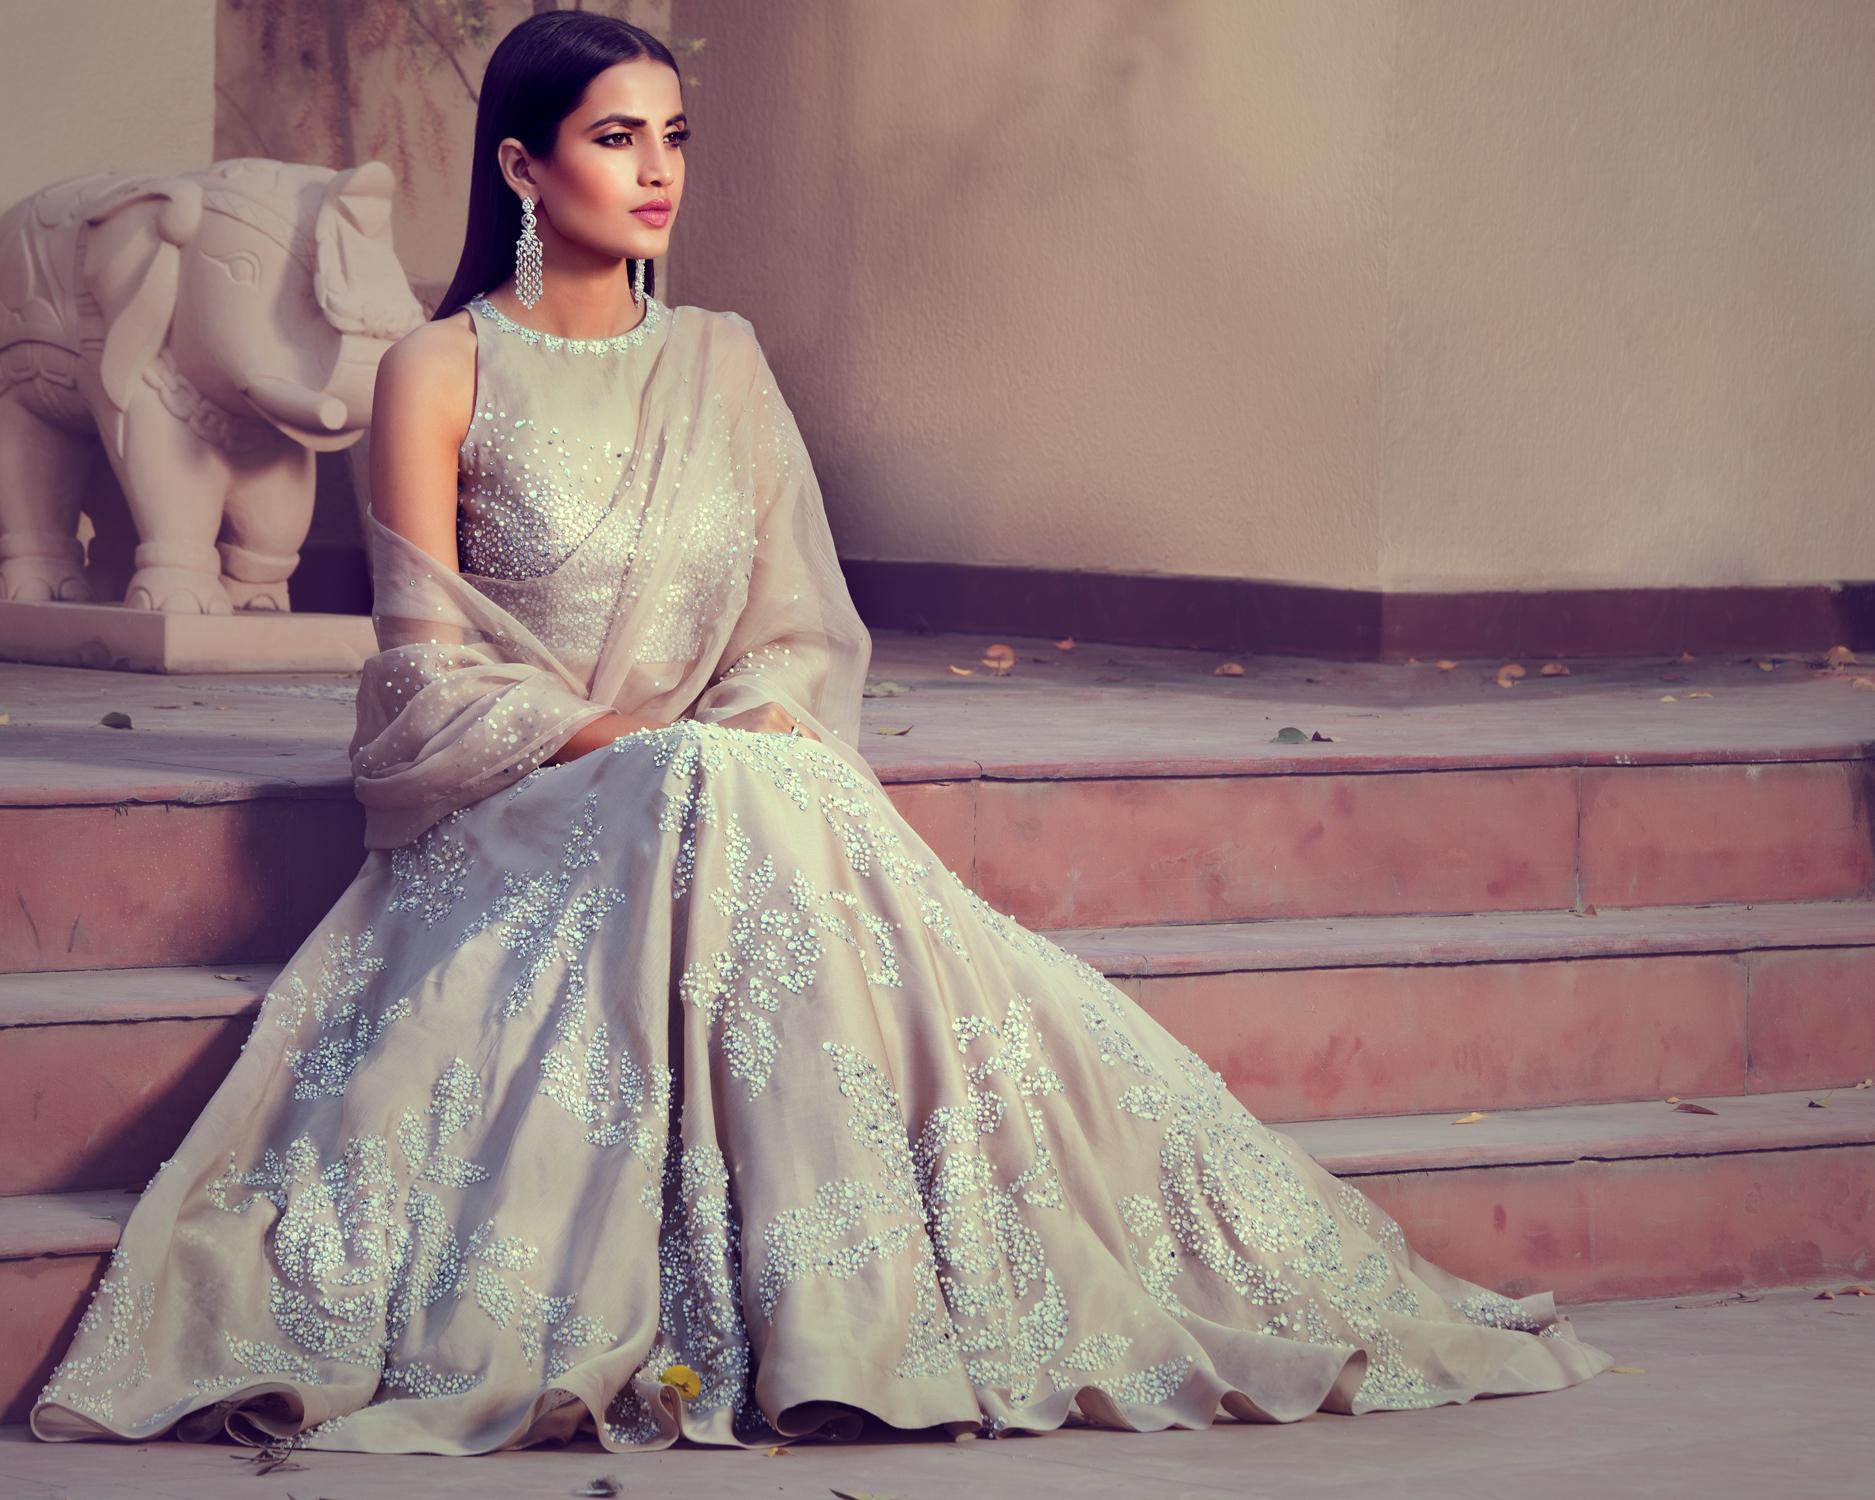 Fashion Photography - Vipin Gaur